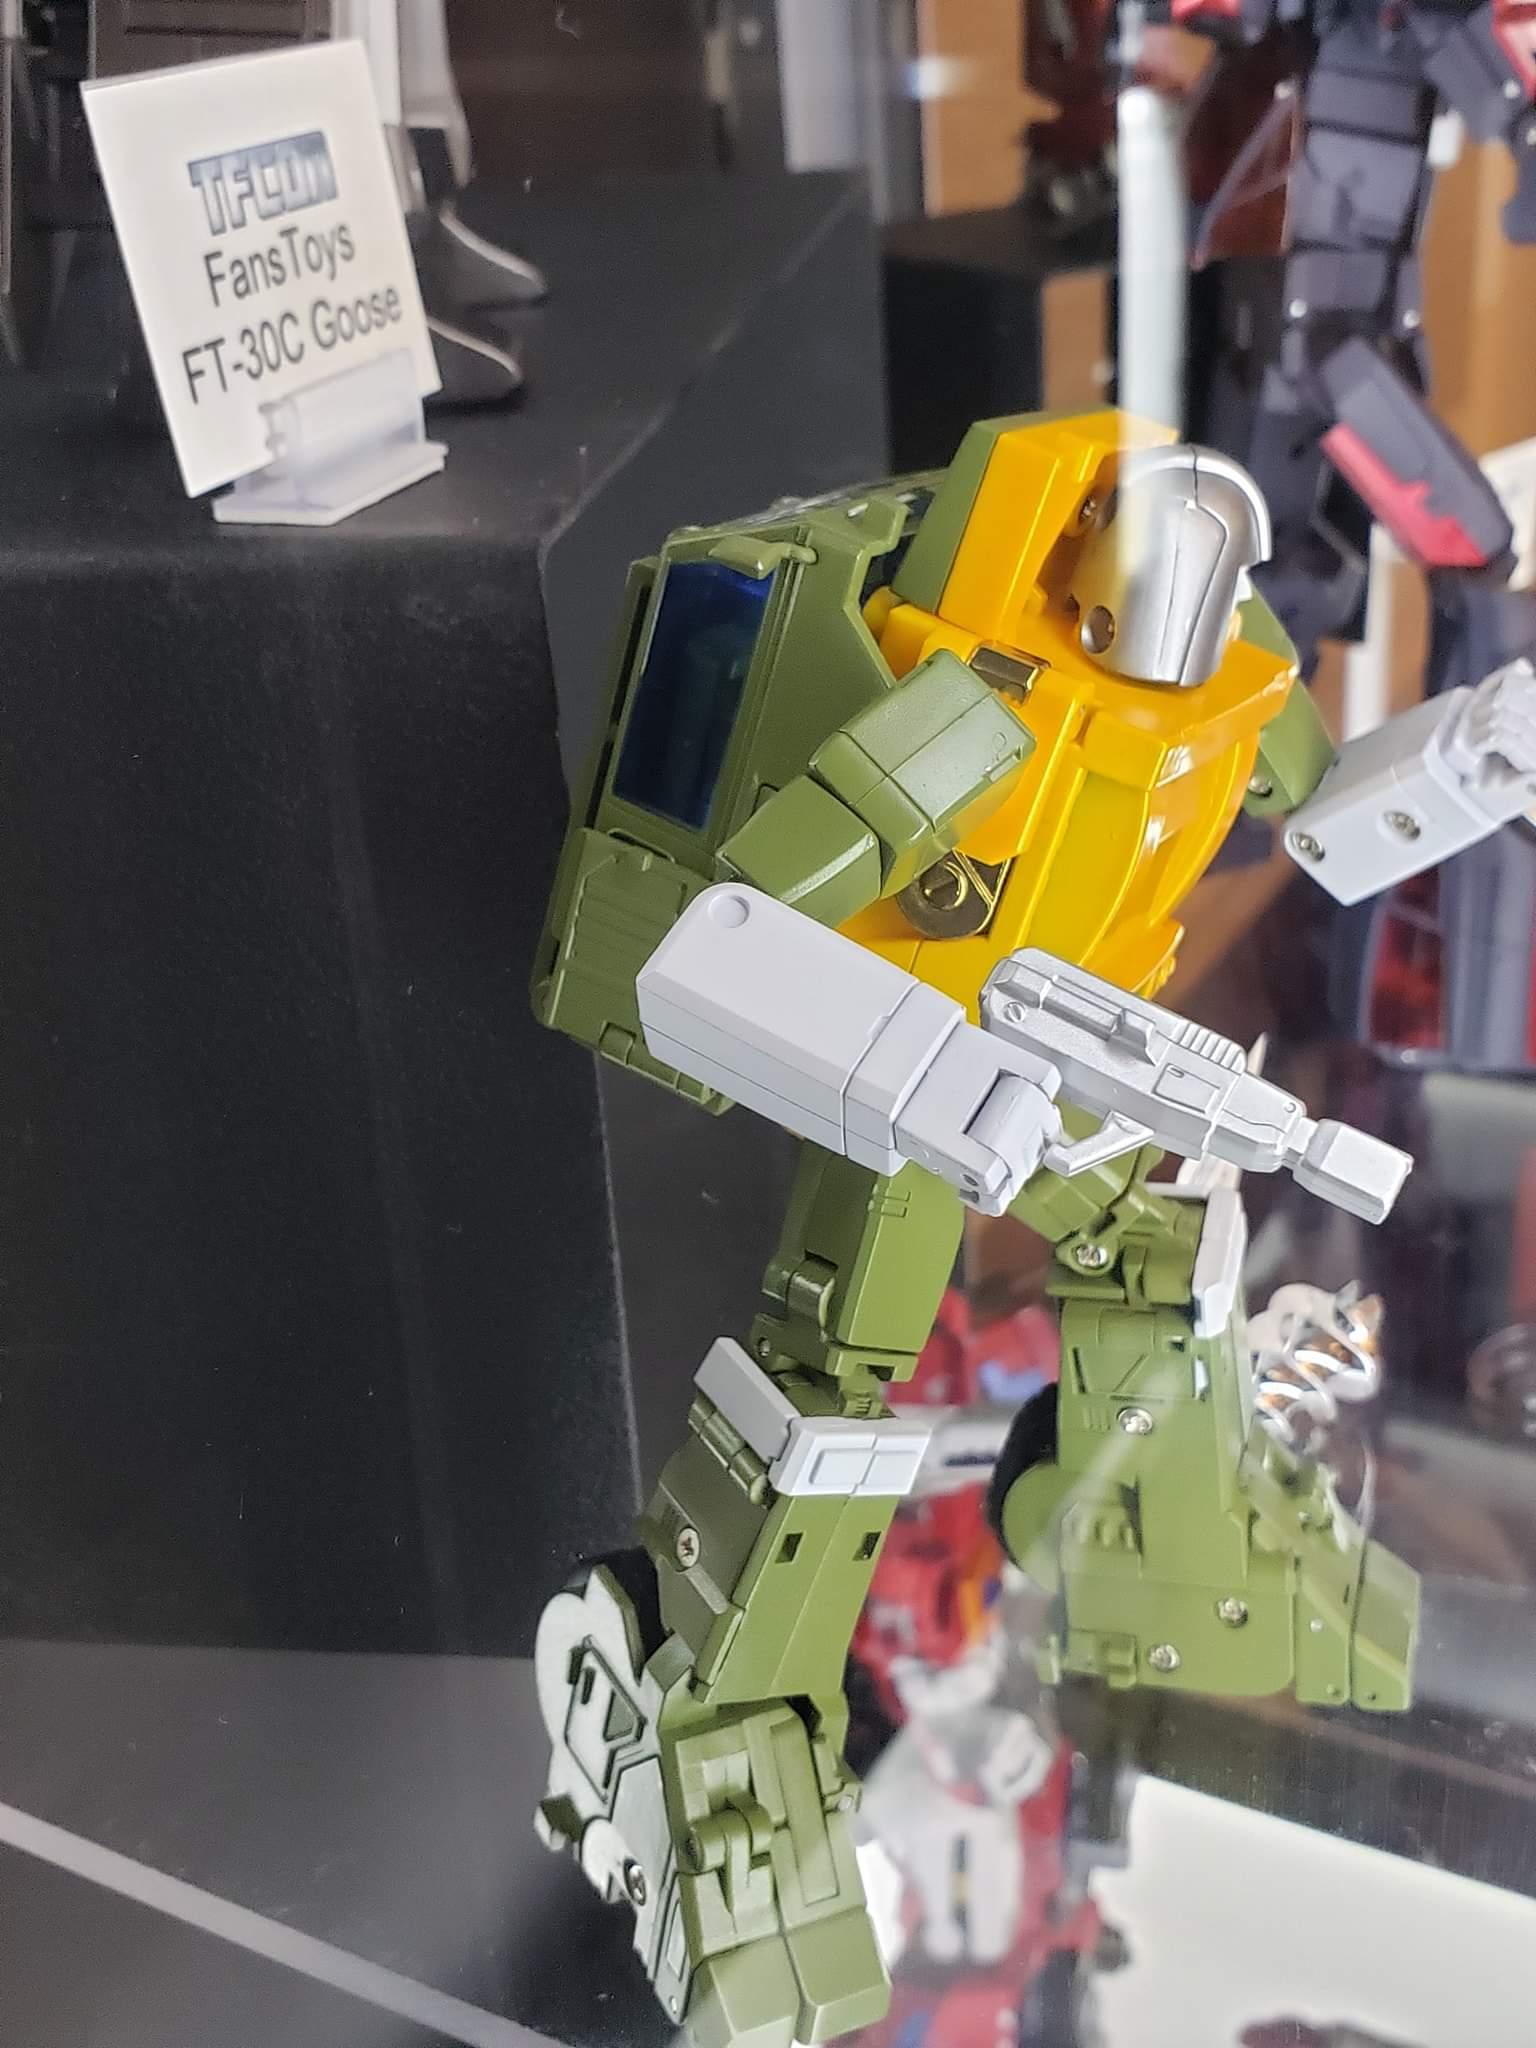 [Fanstoys] Produit Tiers - Minibots MP - Gamme FT - Page 4 UrRiTXAT_o